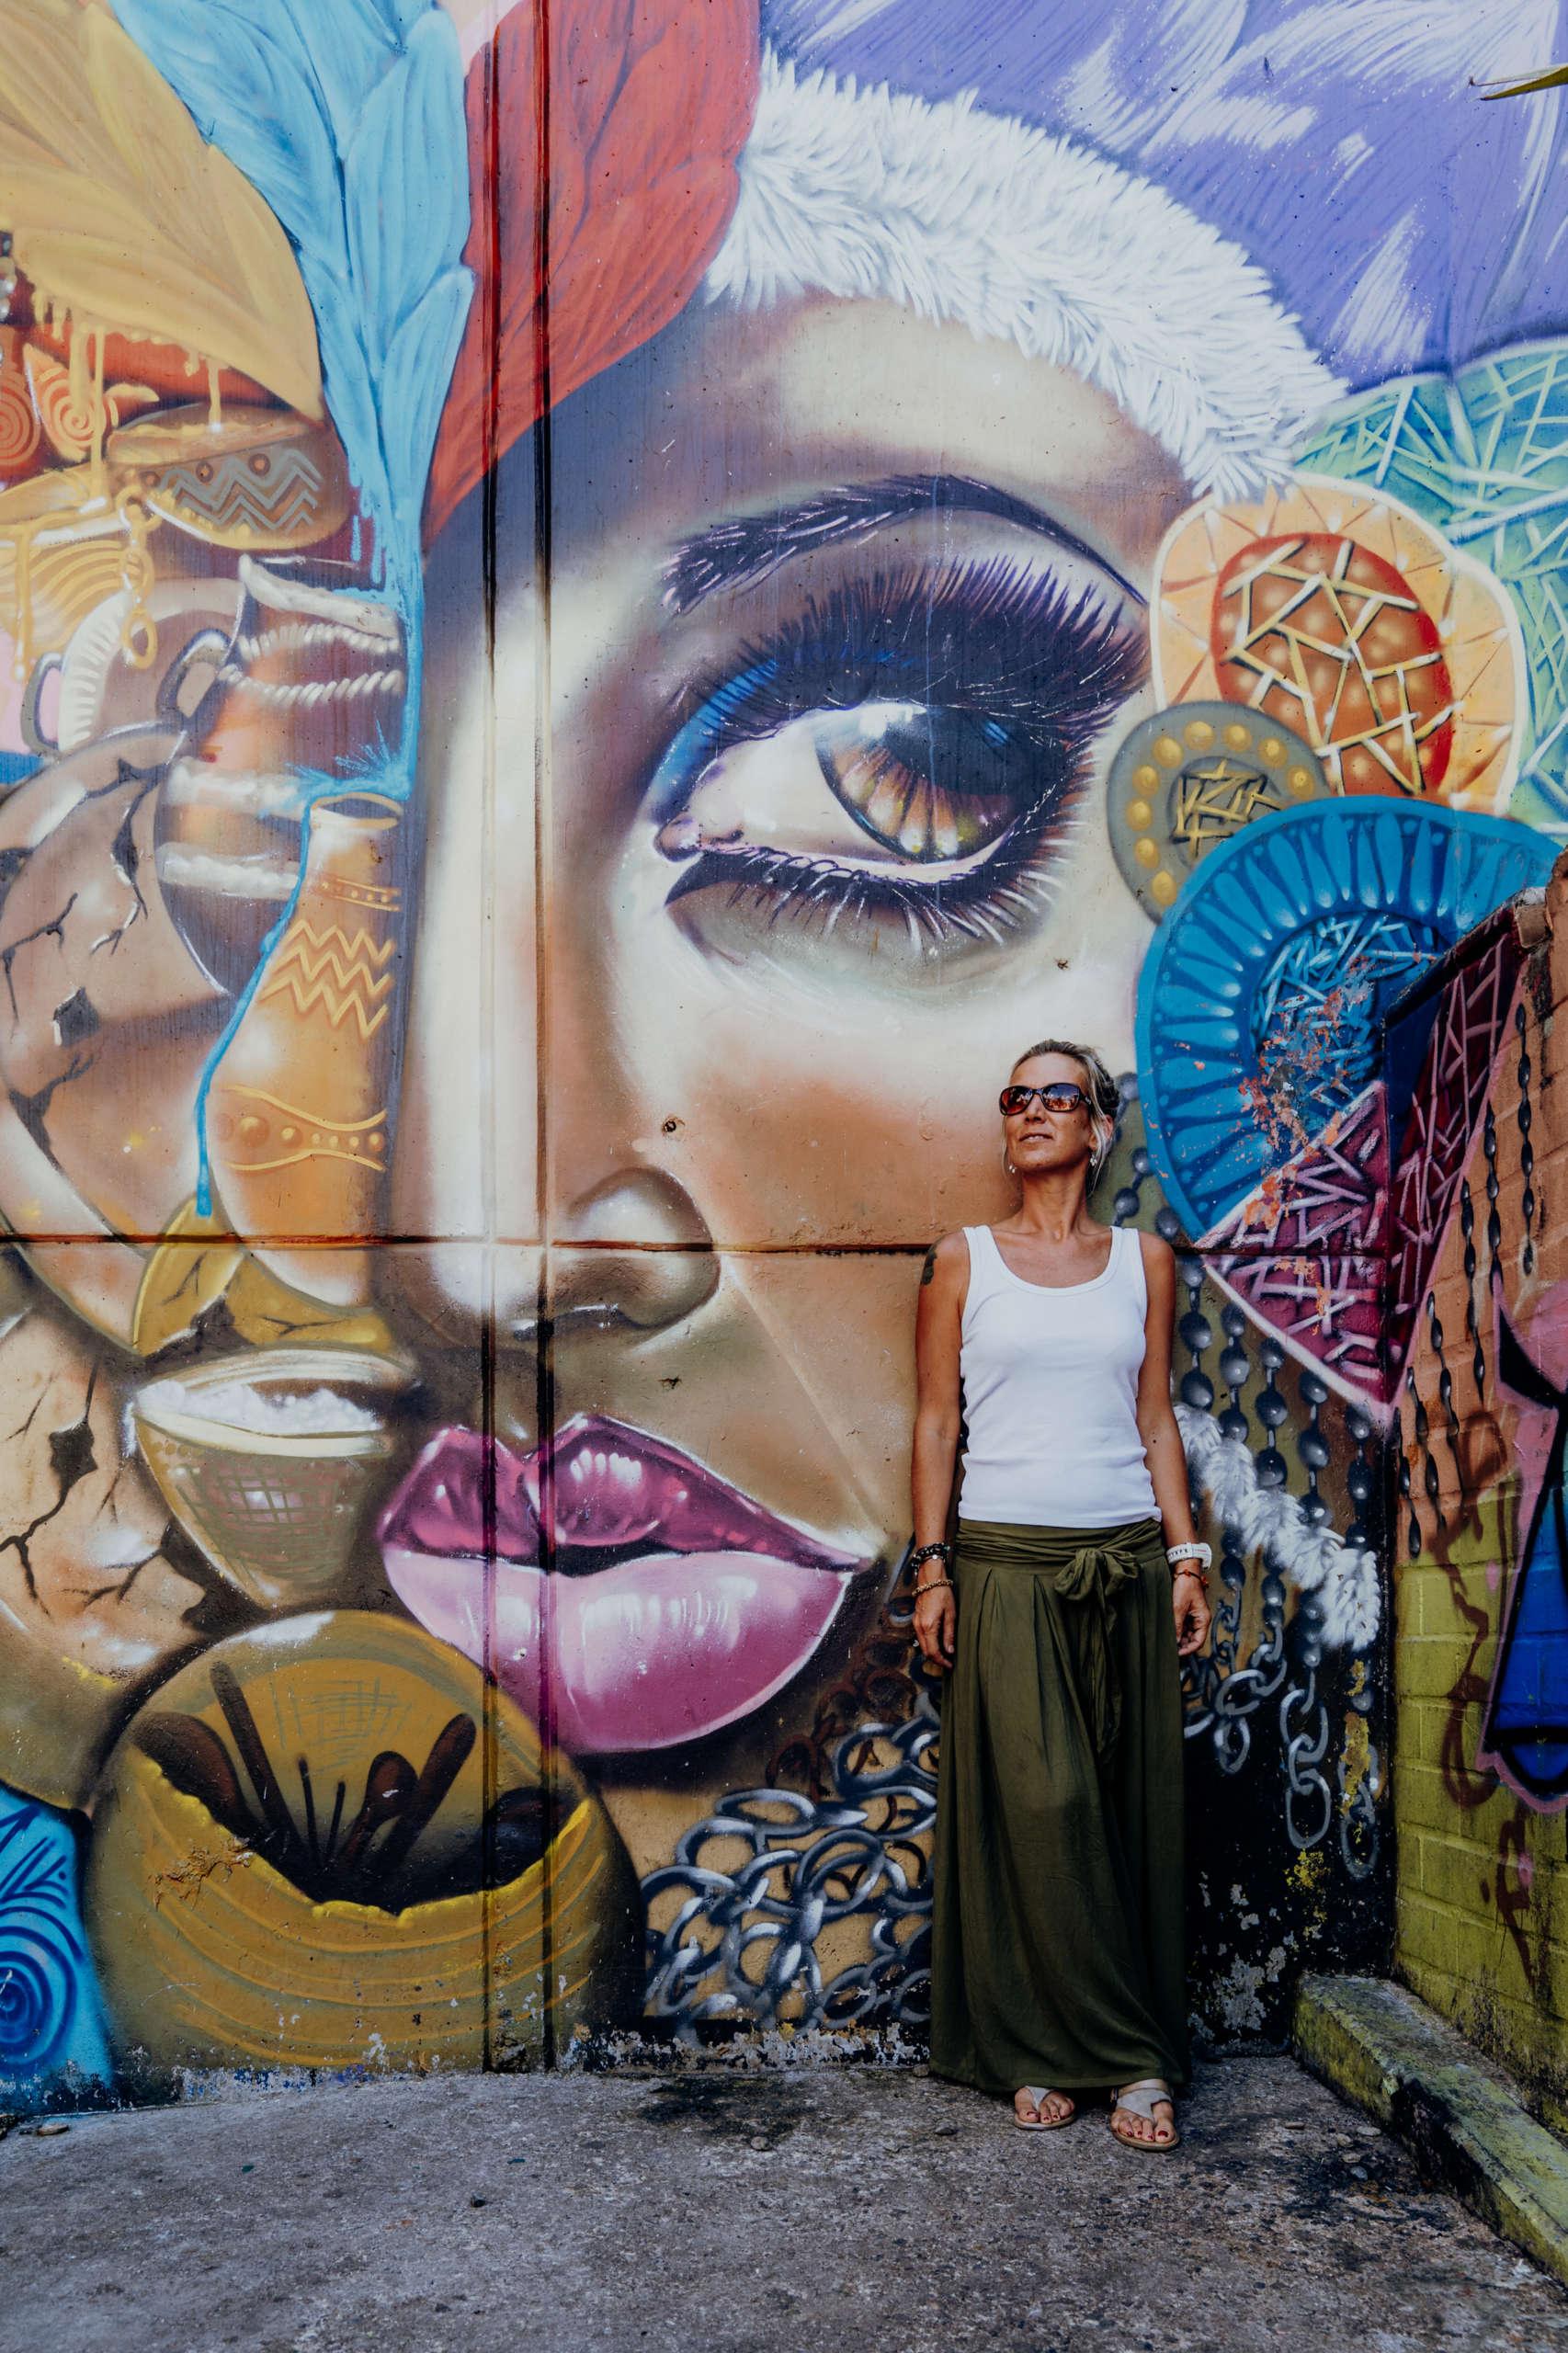 Eine Frau die vor einer Wand steht auf der ein Kopf abgezeichnet ist.